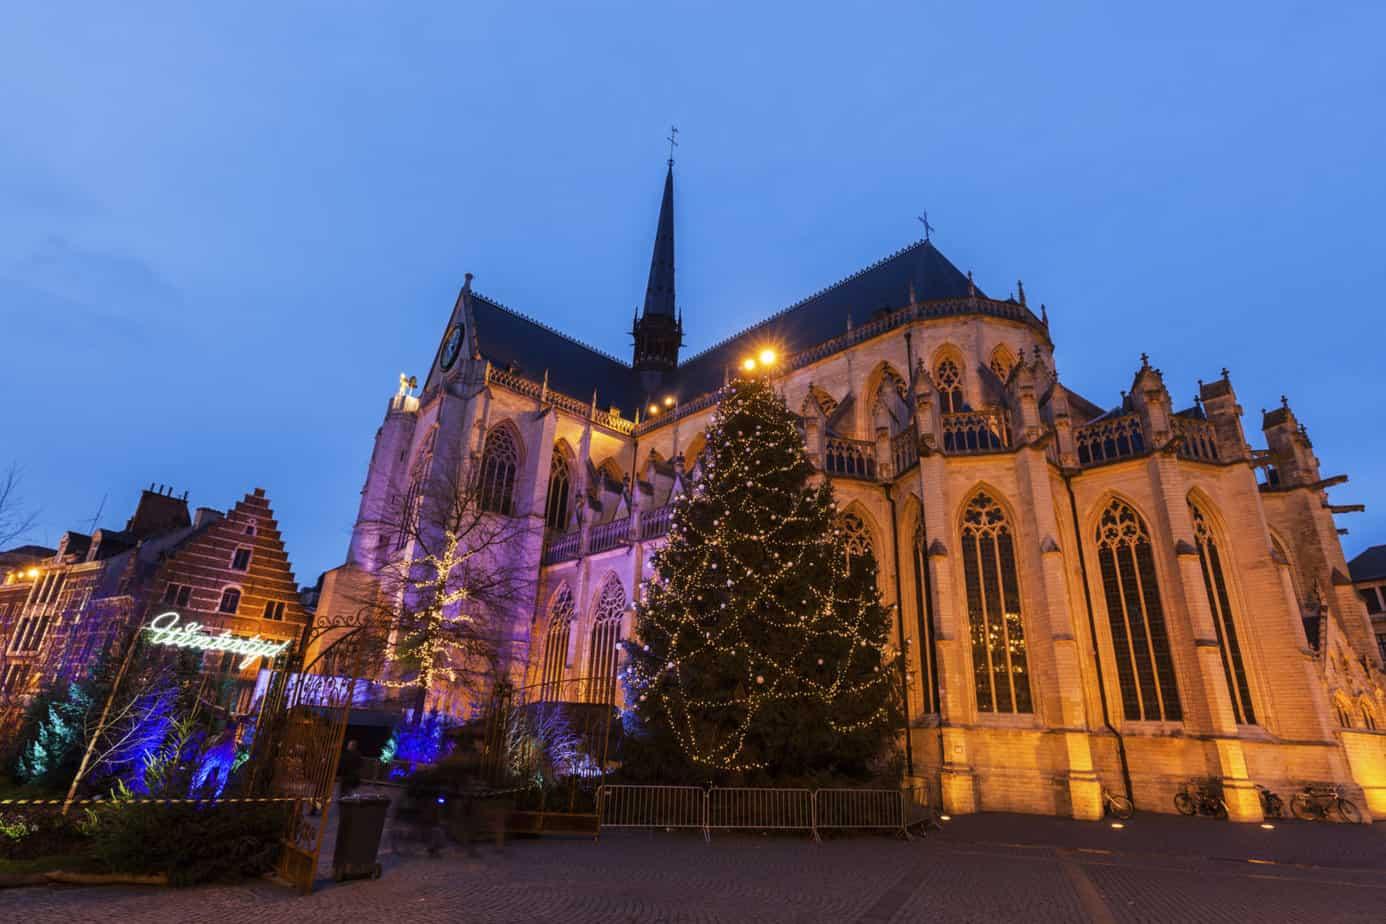 Leuven winter